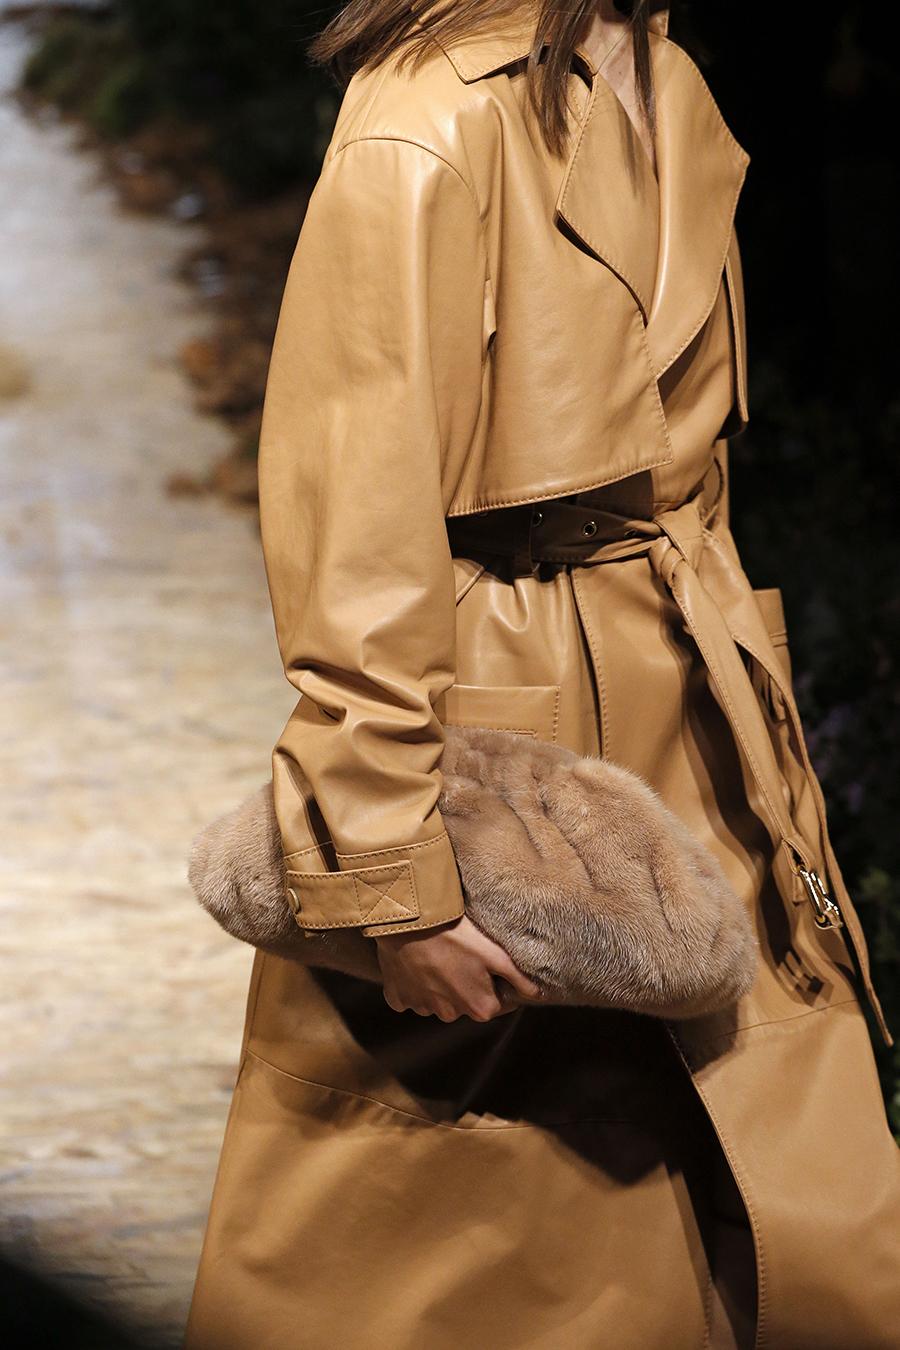 модная сумка мех пушистая мягкая осень зима 2020 2021 коричневая бежевая клатч